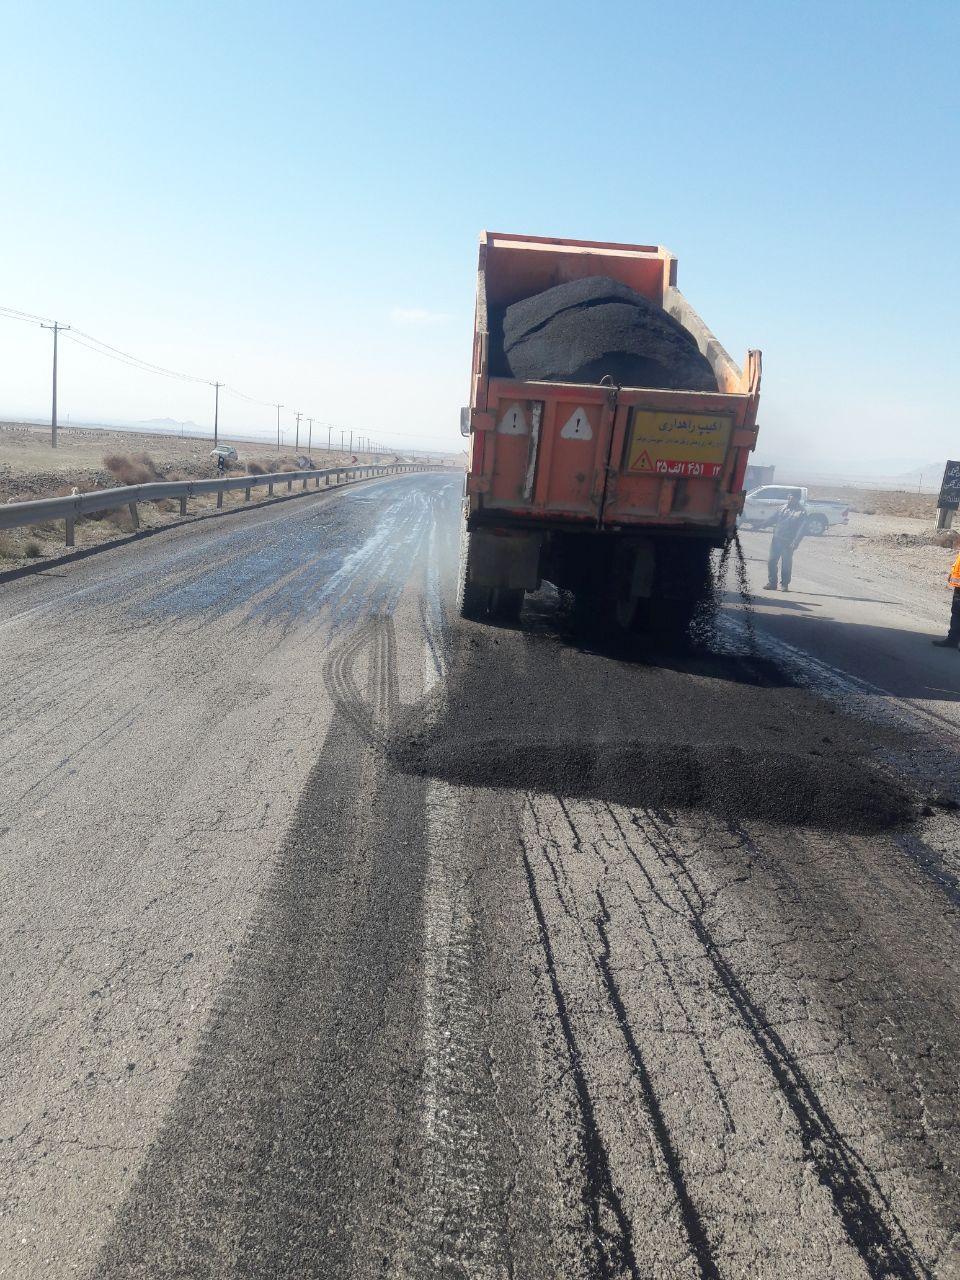 100 کیلومتر عملیات لکه گیری با ماسه آسفالت گرم در راههای شهرستان خواف با هزینه 5 میلیارد ریال